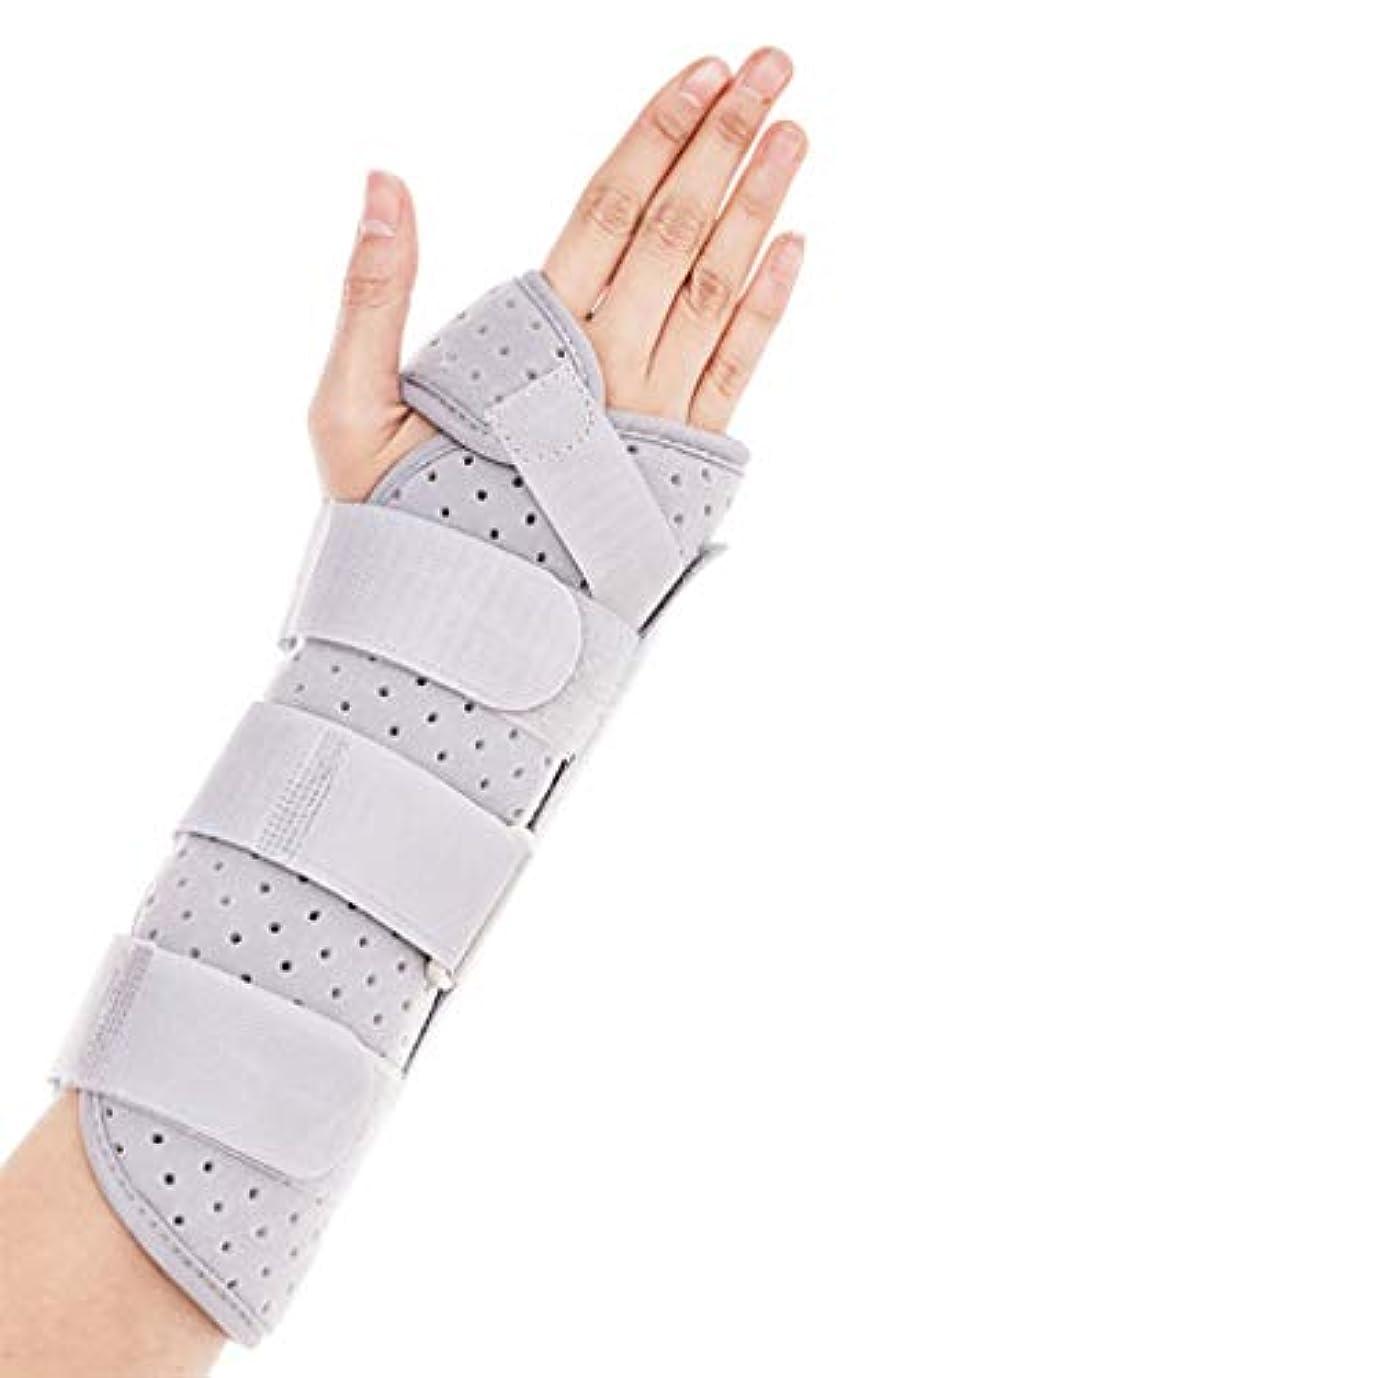 液化するソロ百引き金のための指の袖サポートプロテクター指マレット指指のナックル固定指骨折創傷術後のケアと痛みの軽減,L